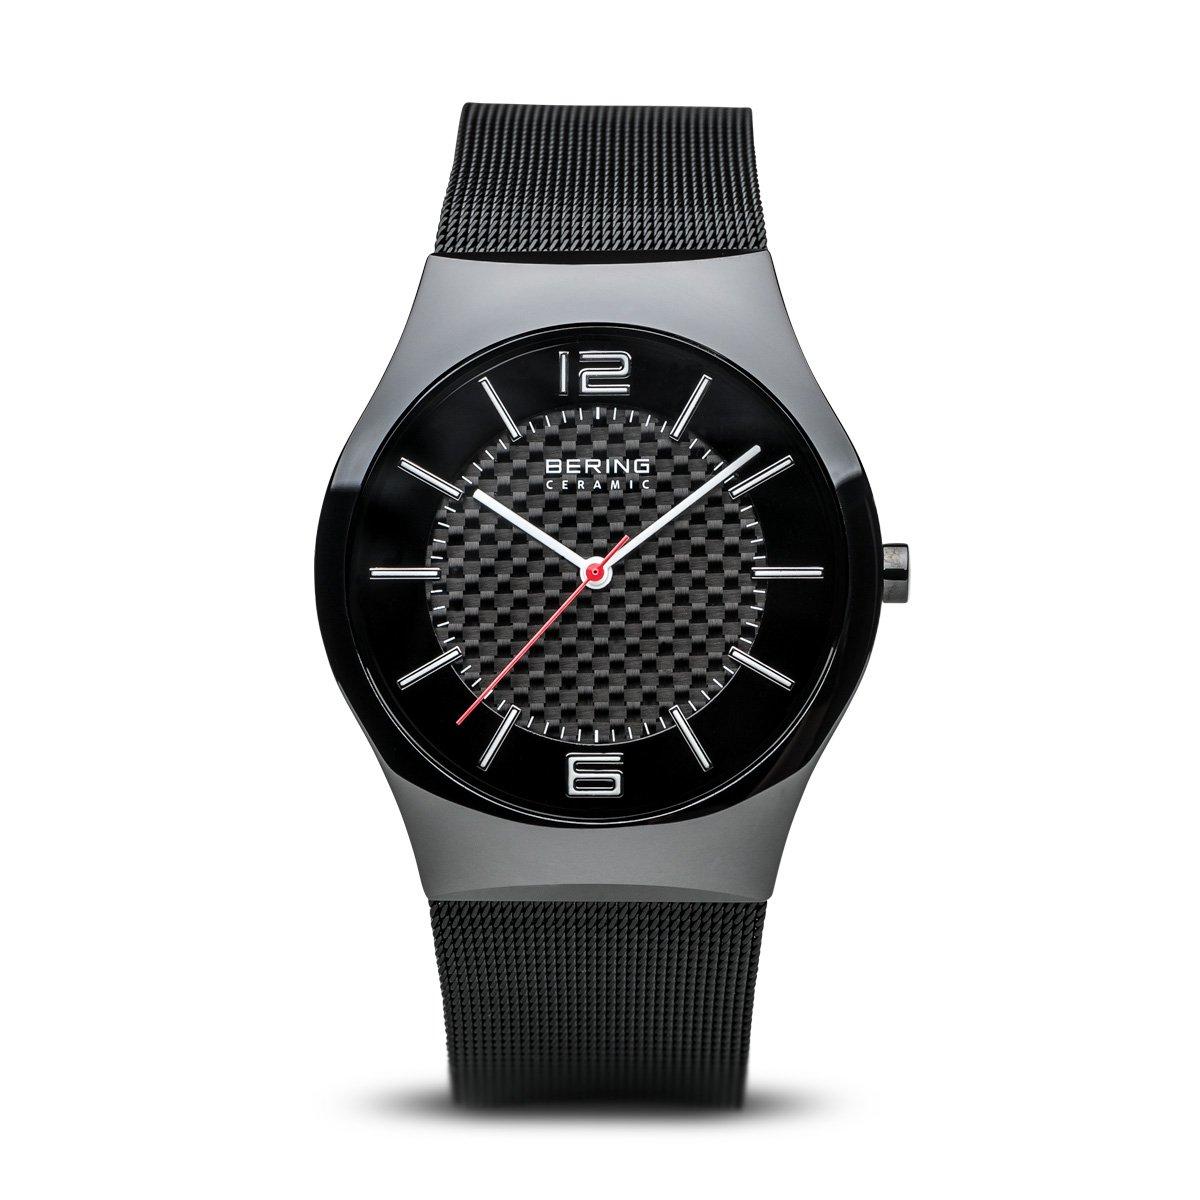 Bering Ceramic - Reloj analógico de caballero de cuarzo con correa de acero inoxidable negra - sumergible a 30 metros